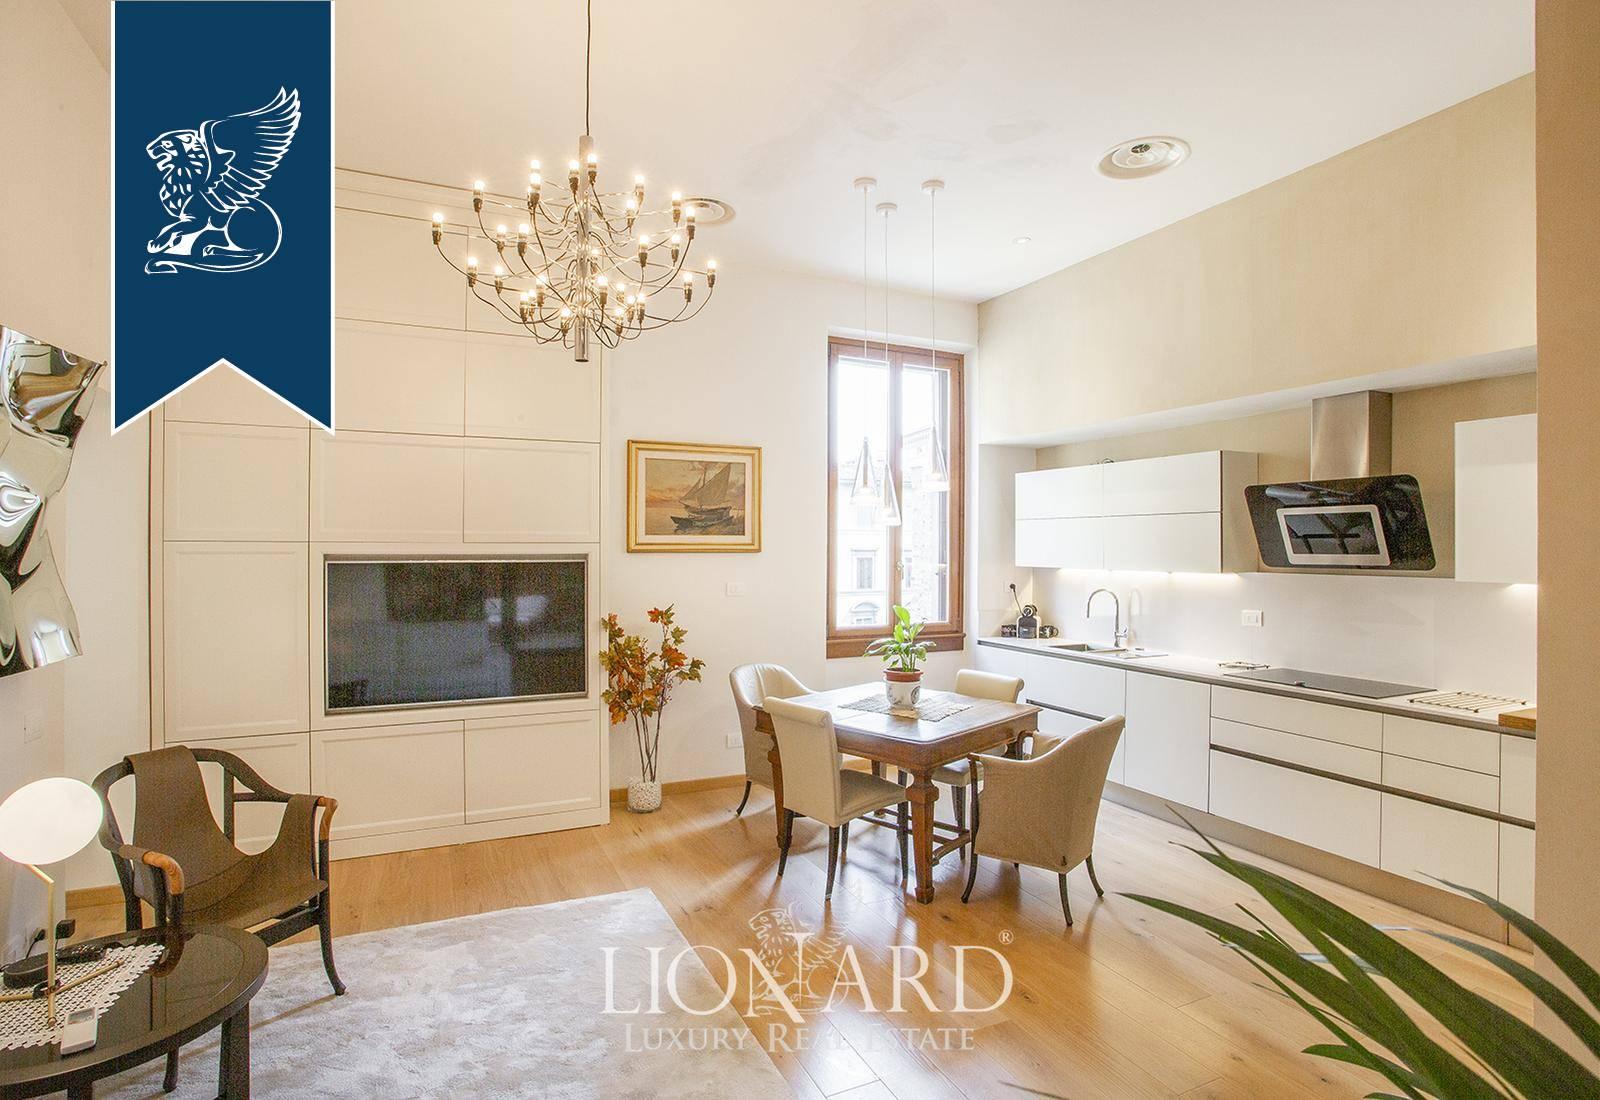 Appartamento in Vendita a Firenze: 0 locali, 136 mq - Foto 9